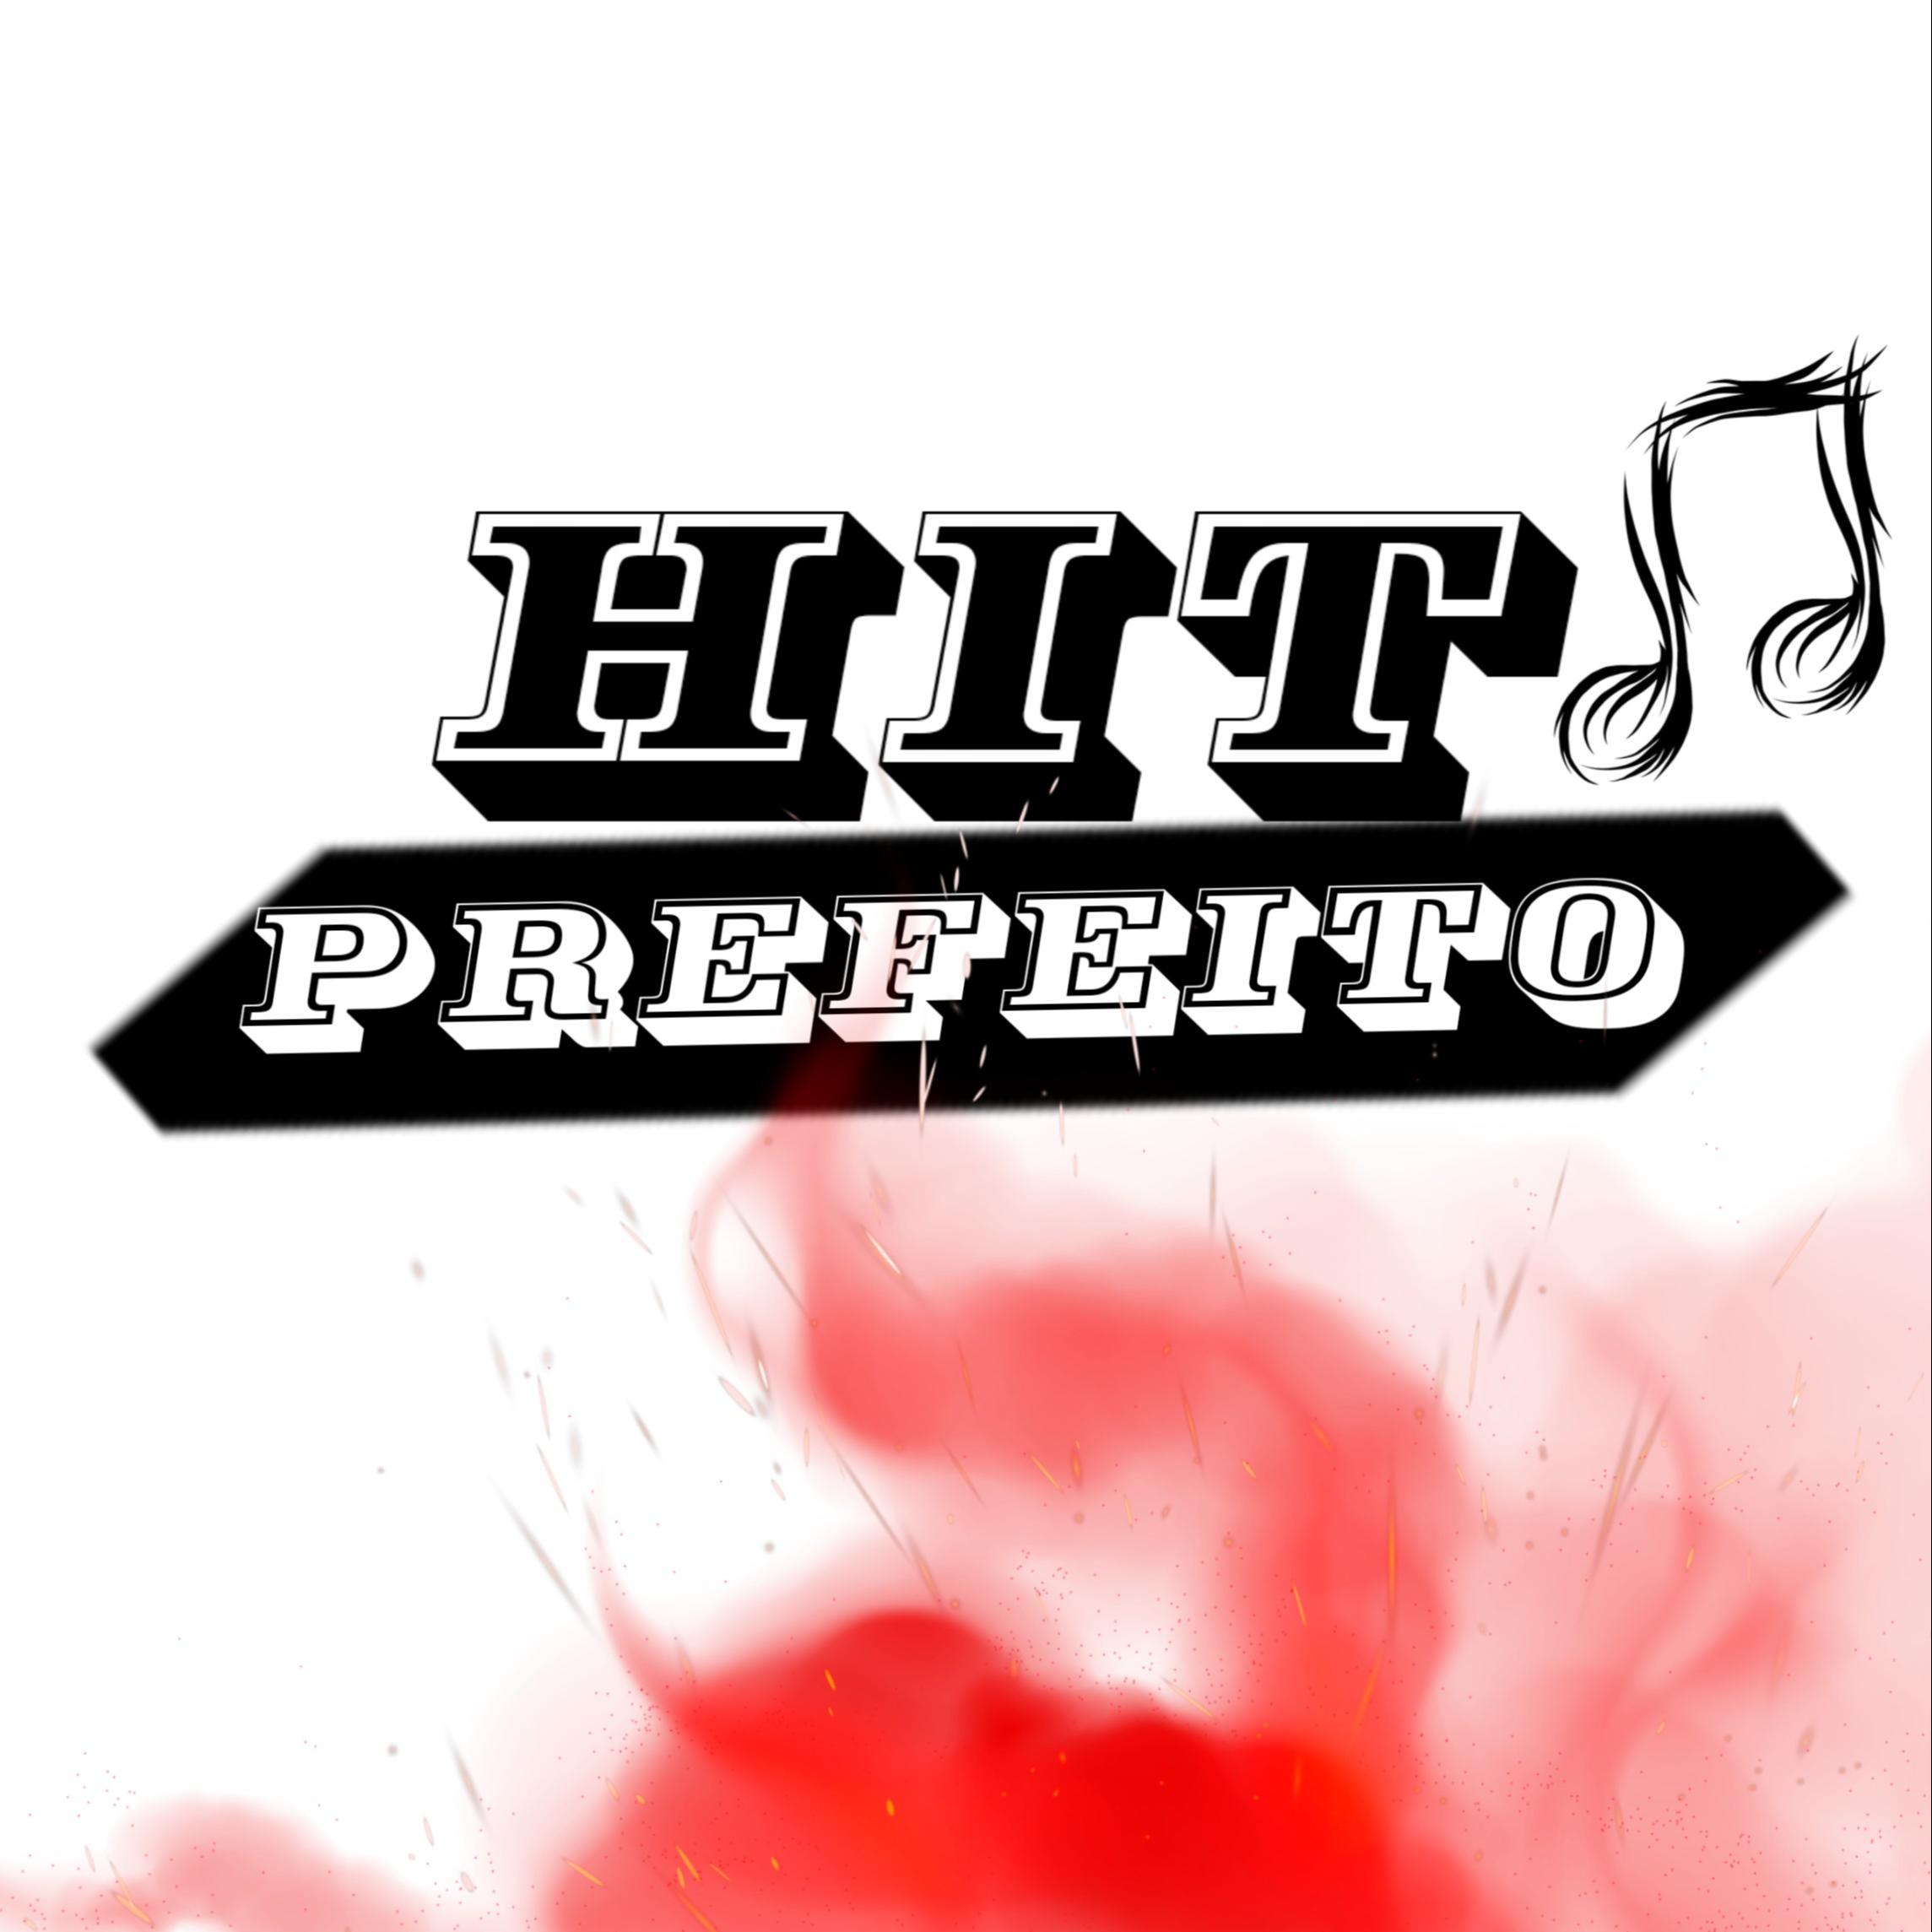 HIT PREFEITO